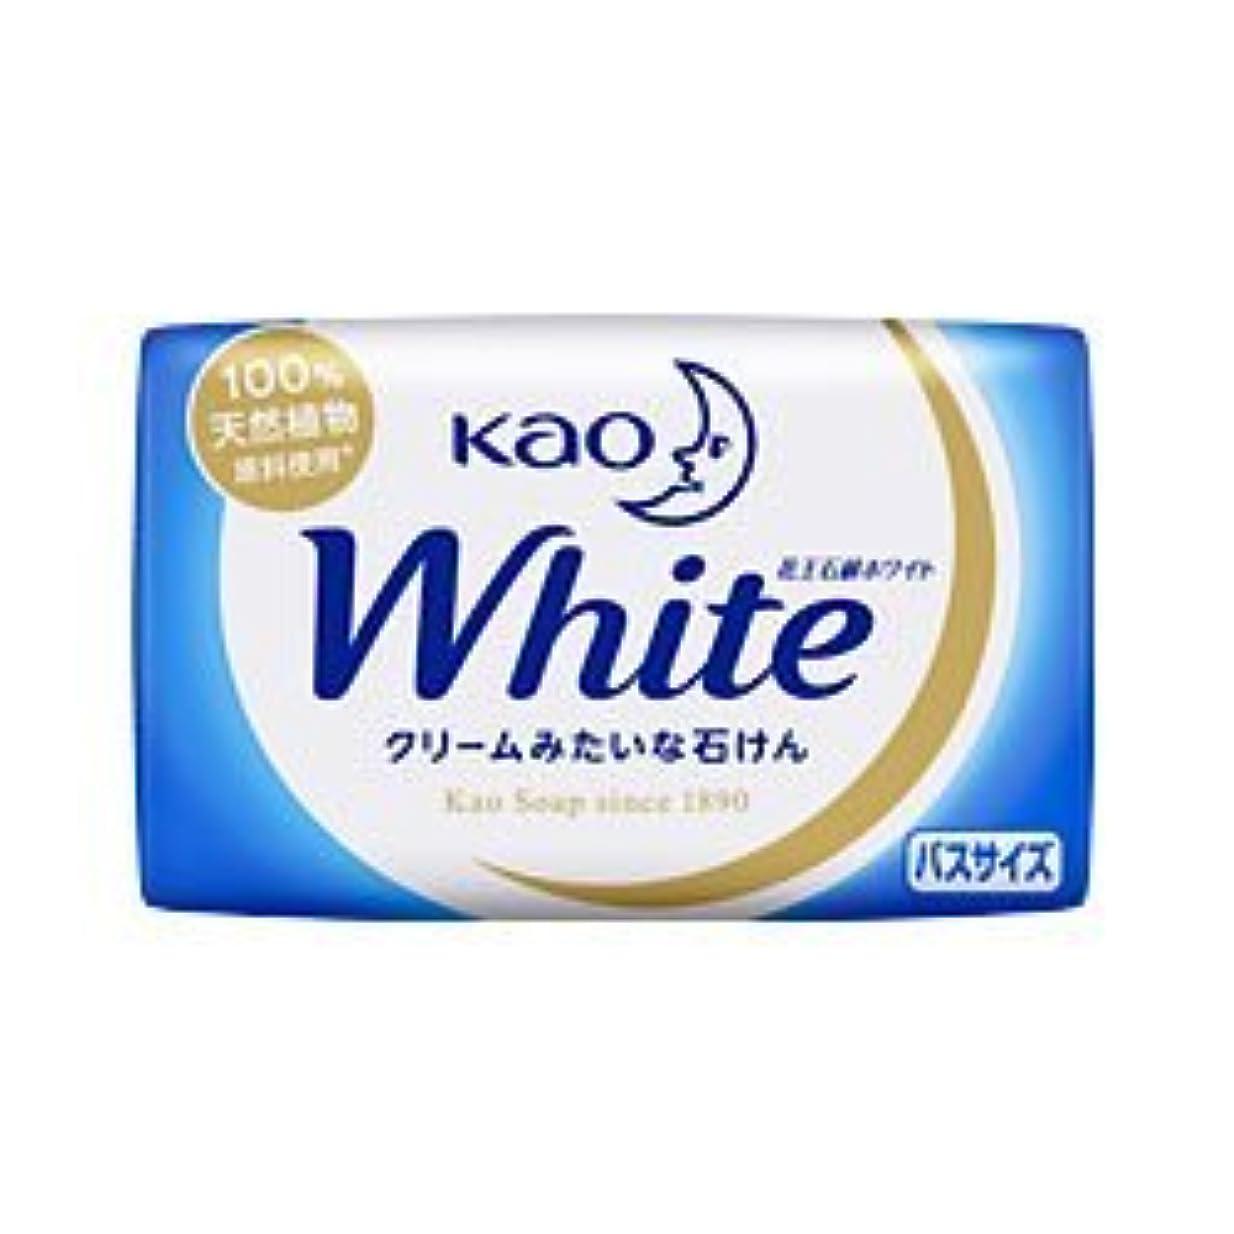 値安定したディスカウント【花王】花王ホワイト バスサイズ 1個 130g ×10個セット